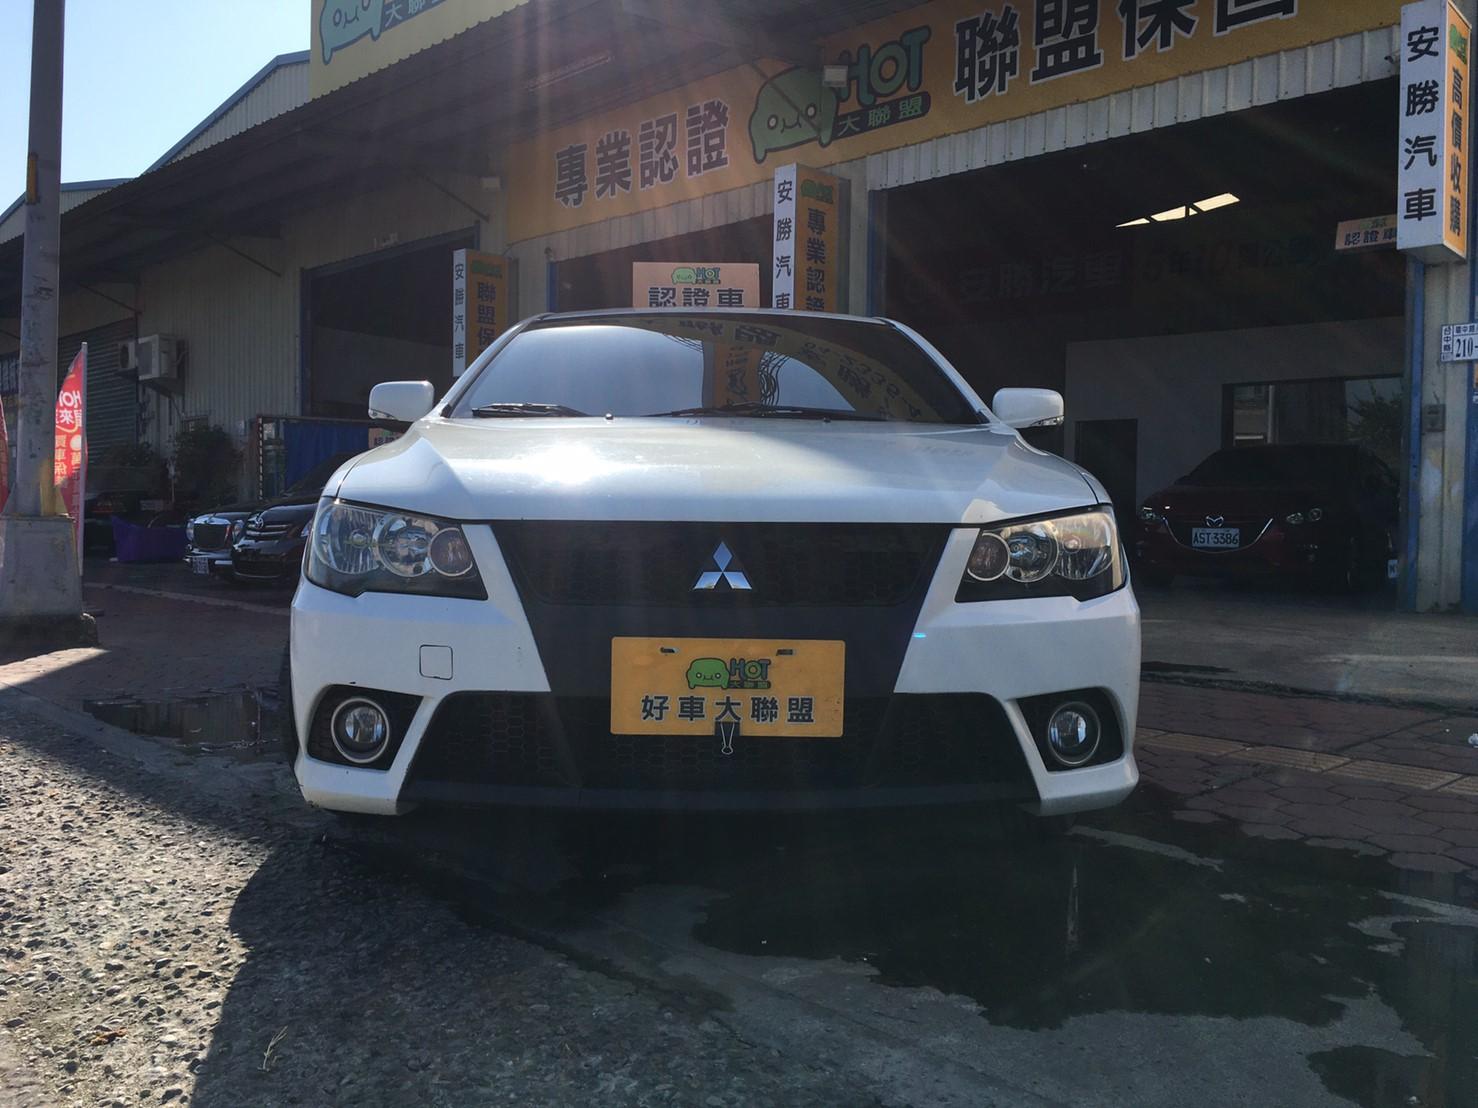 2012 Mitsubishi 三菱 Lancer fortis